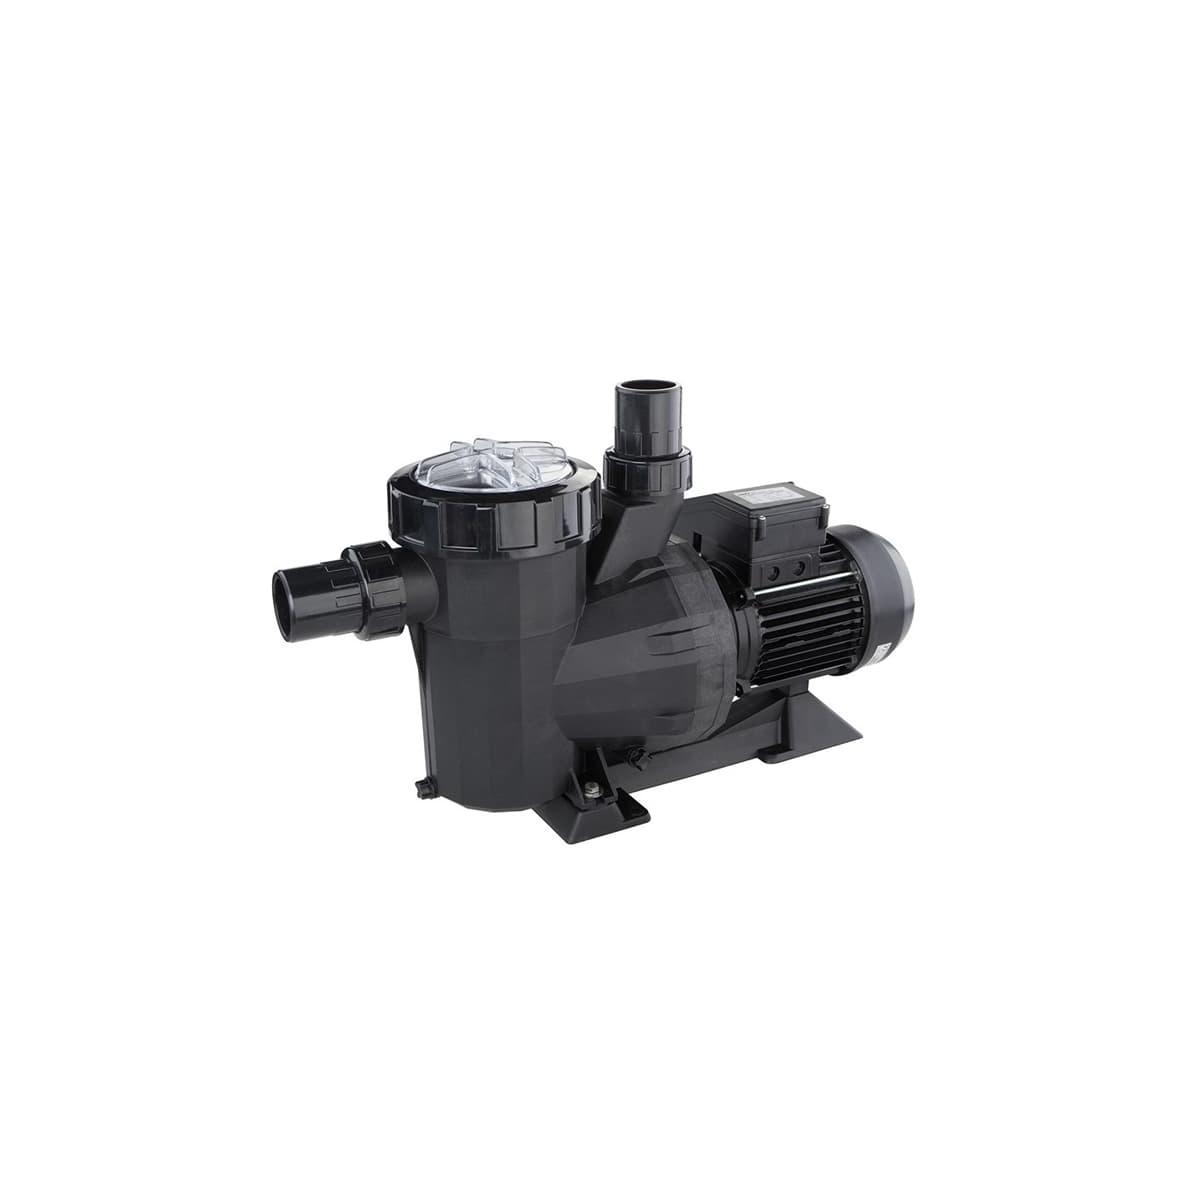 VICTORIA PLUS Pump